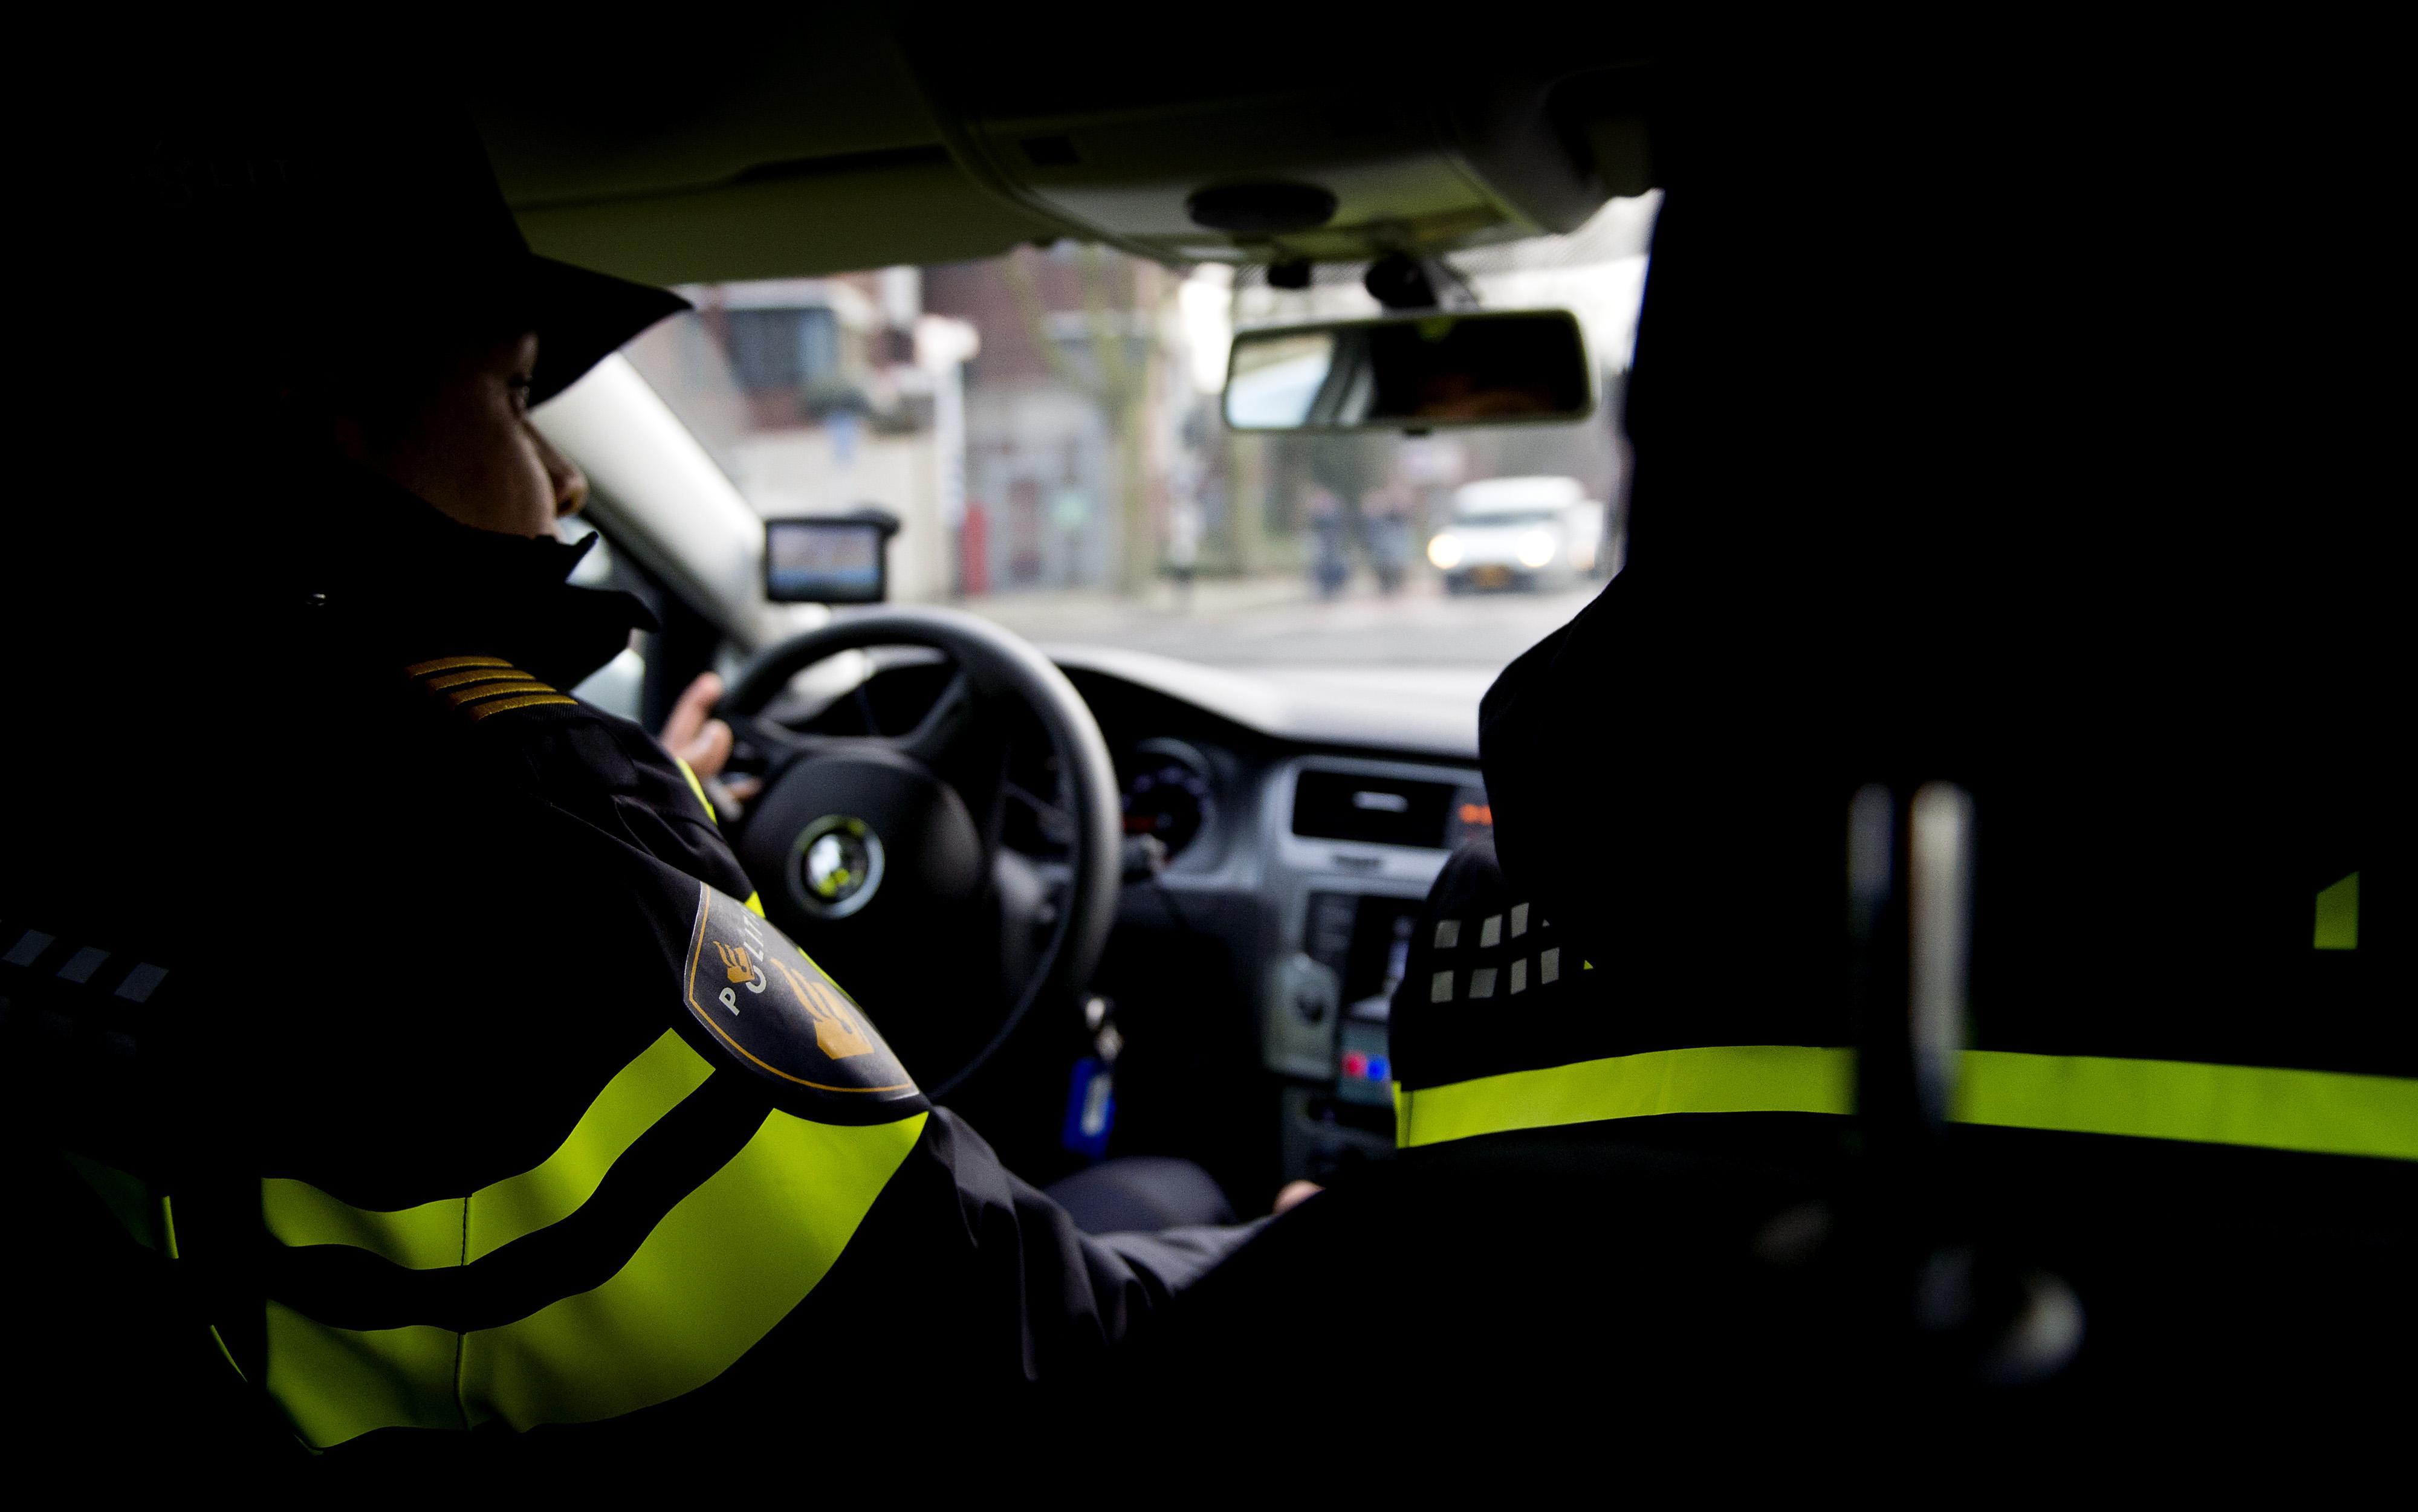 Man aangehouden op A9 bij Schiphol voor ruim 200 kilometer per uur zonder rijbewijs